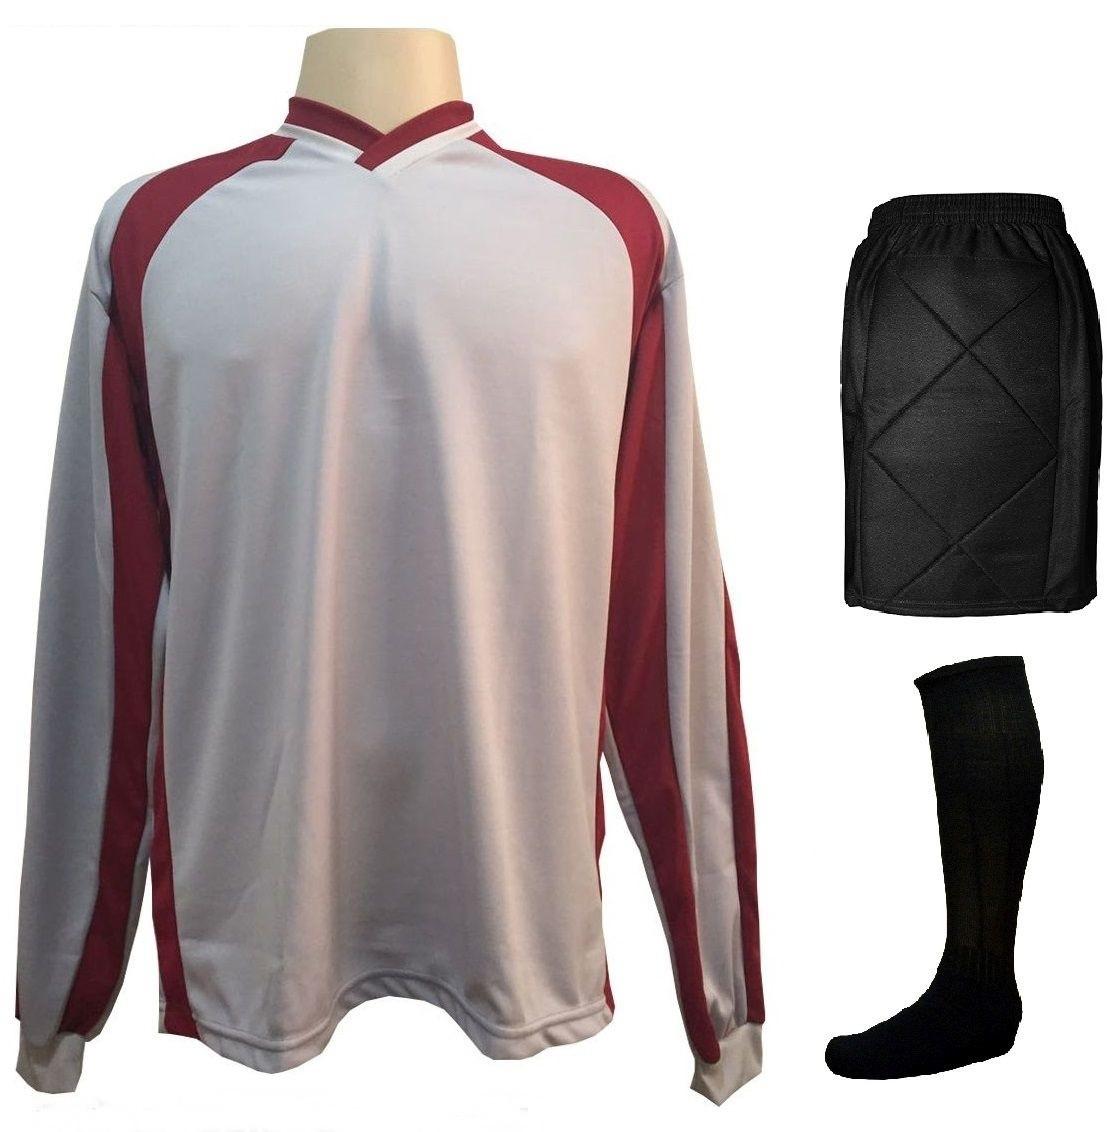 Uniforme Esportivo Completo modelo PSG 14+1 (14 camisas Limão/Preto/Branco + 14 calções Madrid Preto + 14 pares de meiões Brancos + 1 conjunto de goleiro) + Brindes